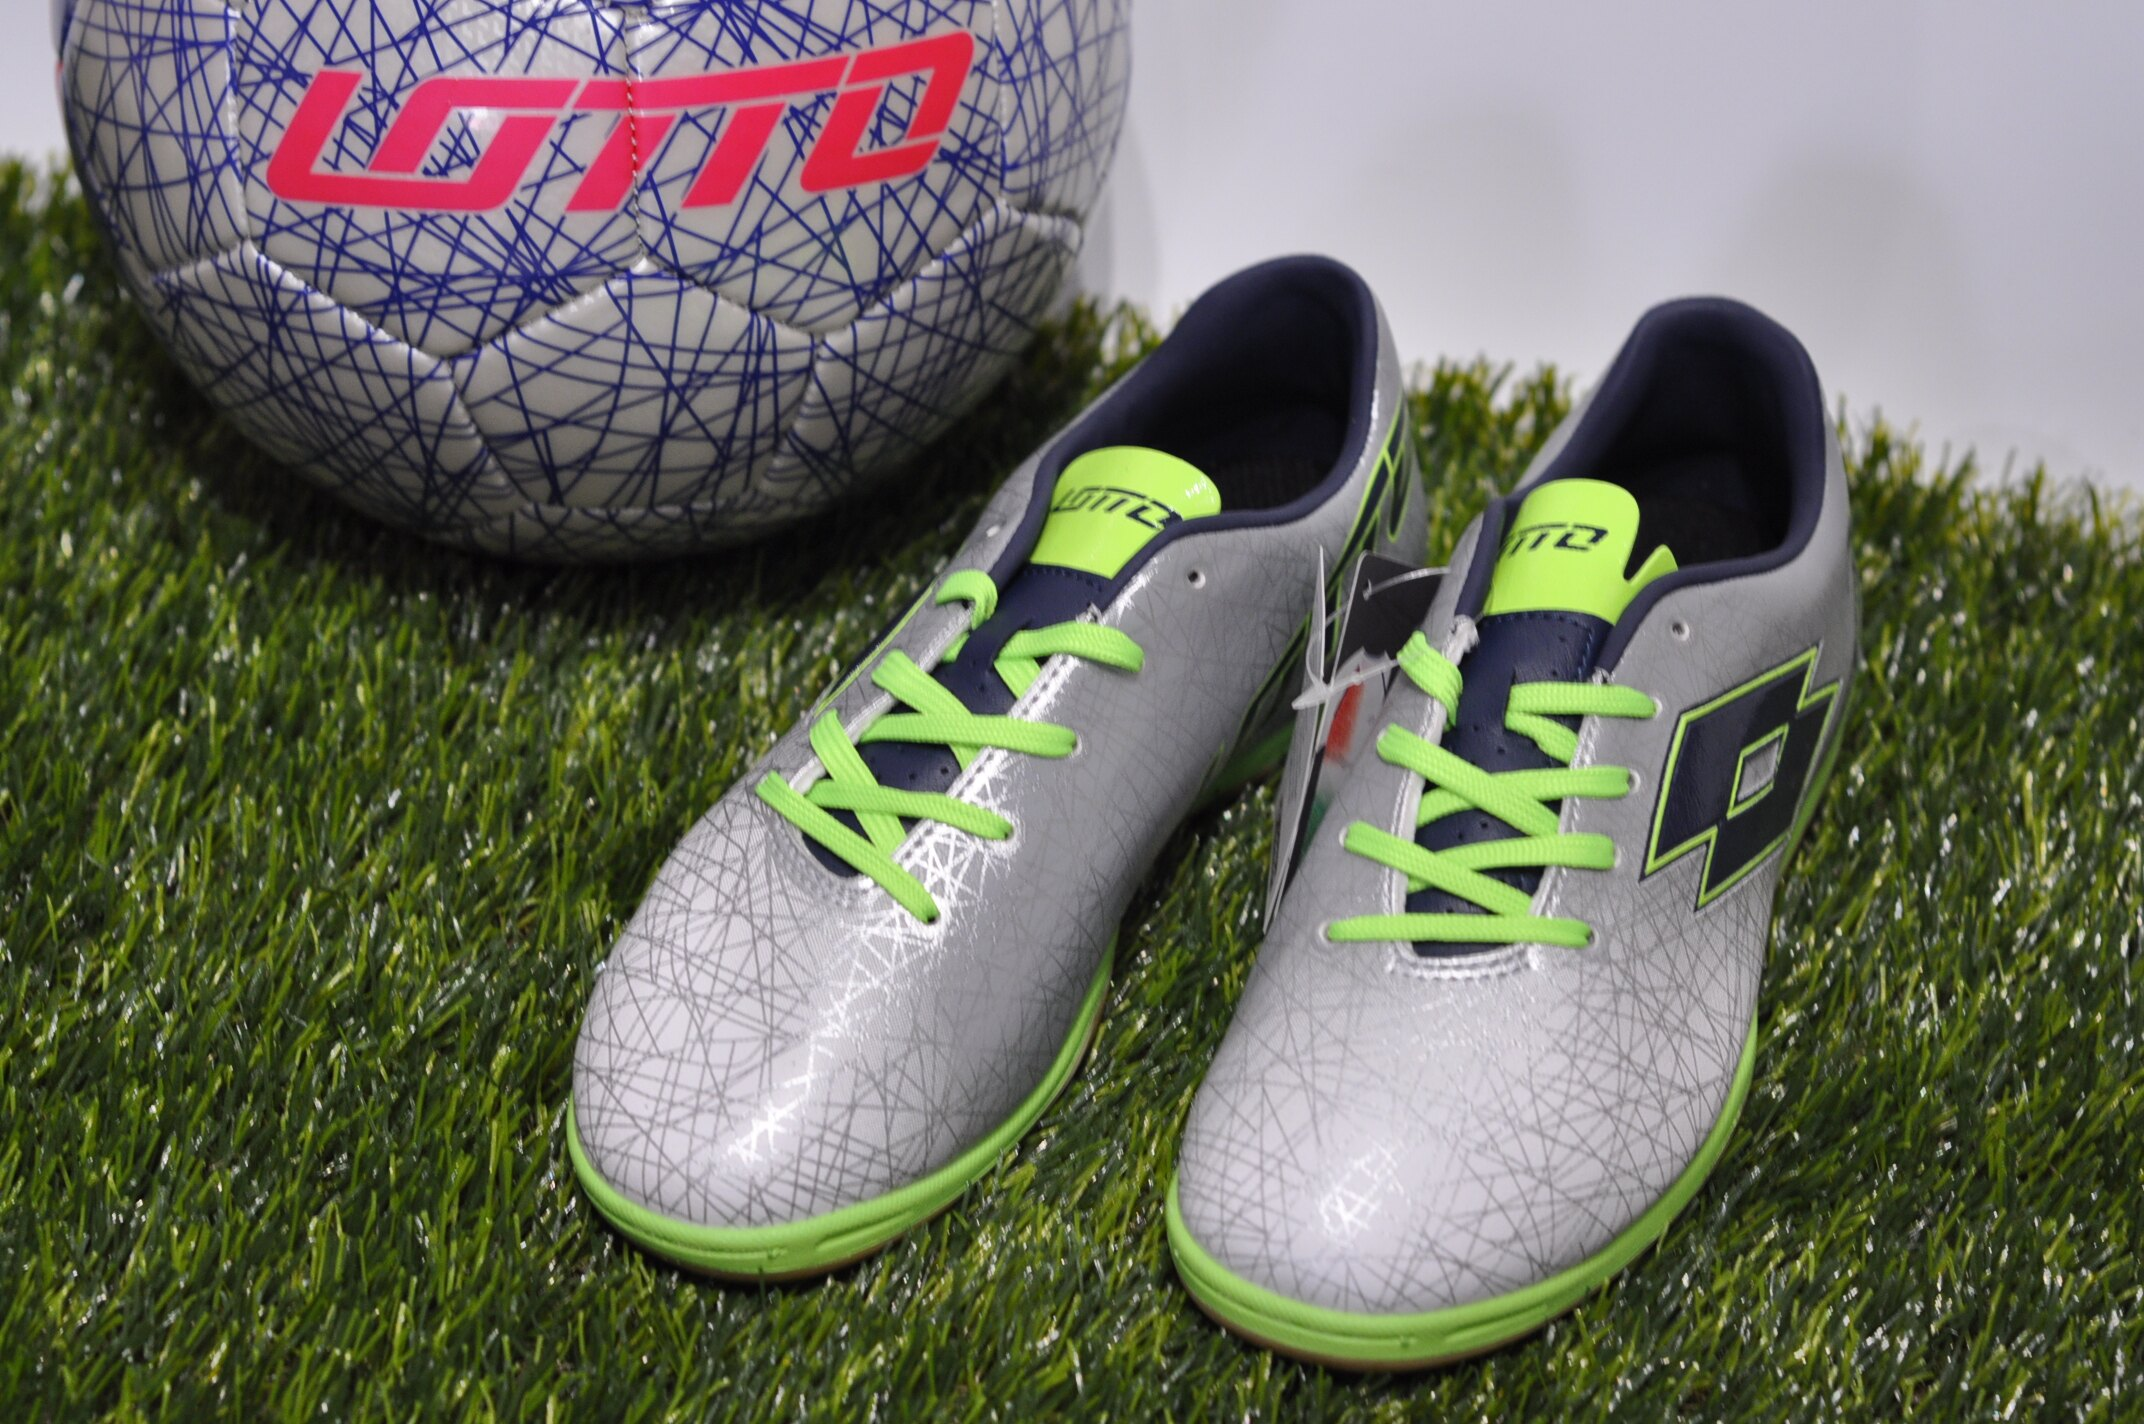 【登瑞體育】LOTTO 兒童足球鞋 LTS7189-鞋6折